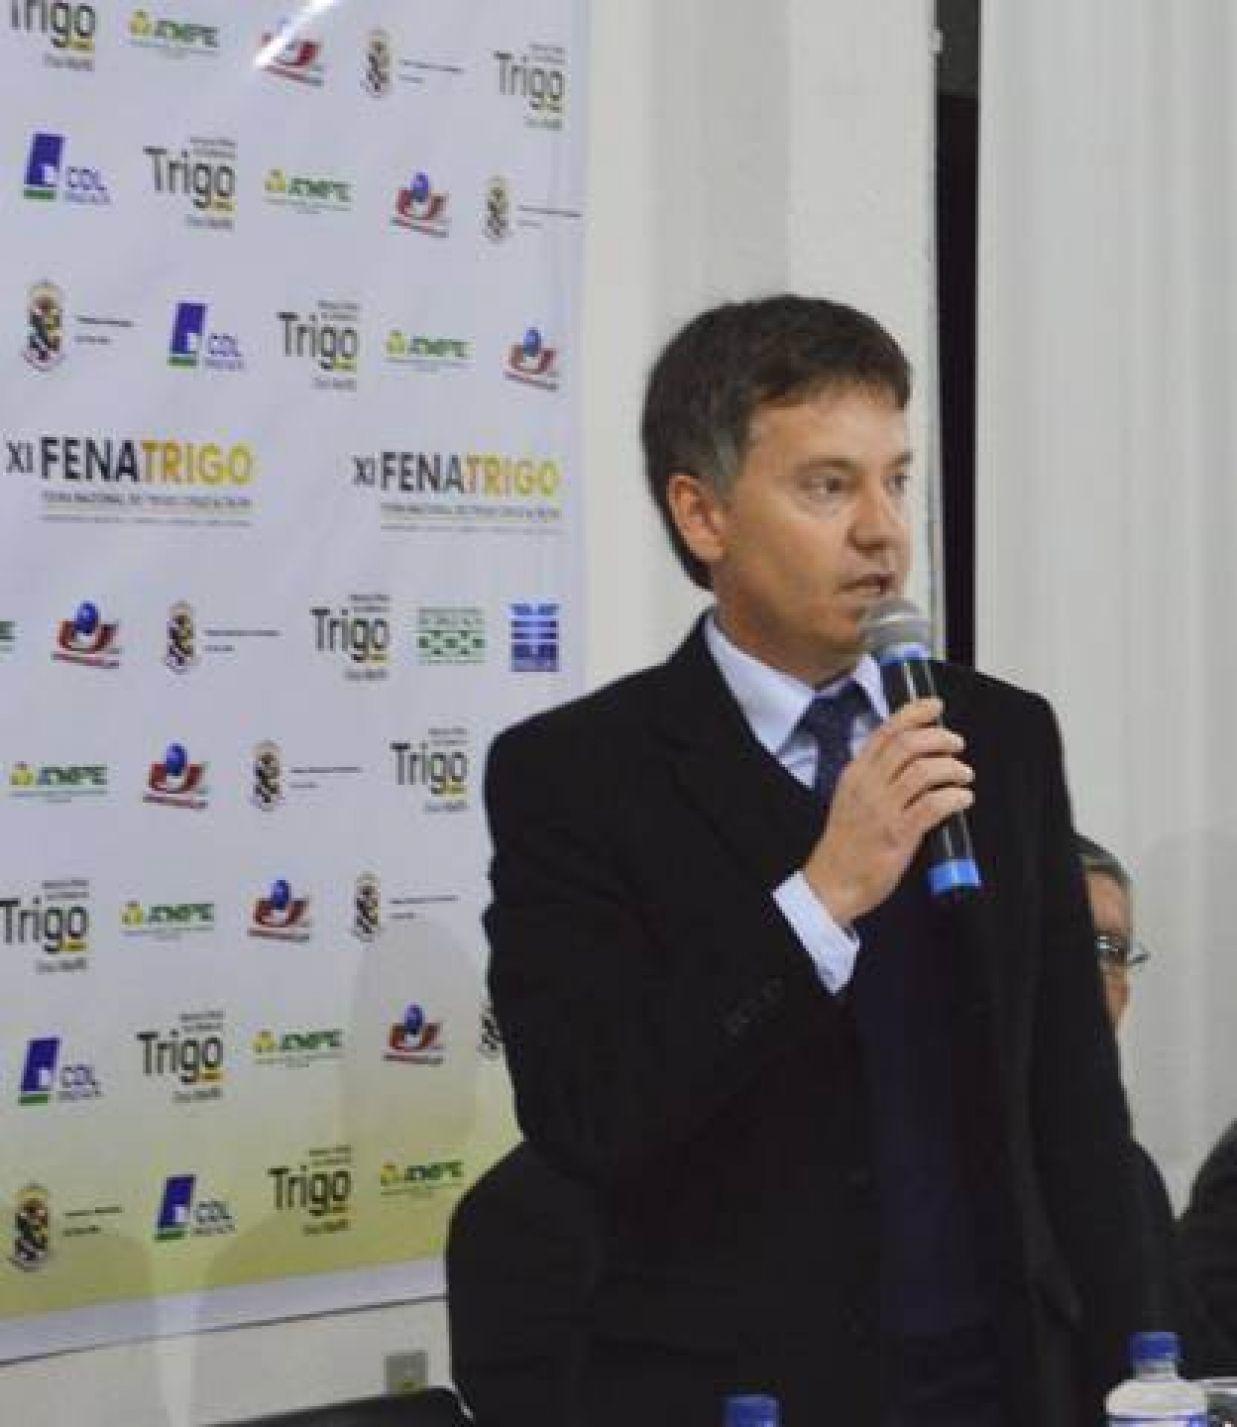 Airton Becker - Presidente da XIV FENATRIGO